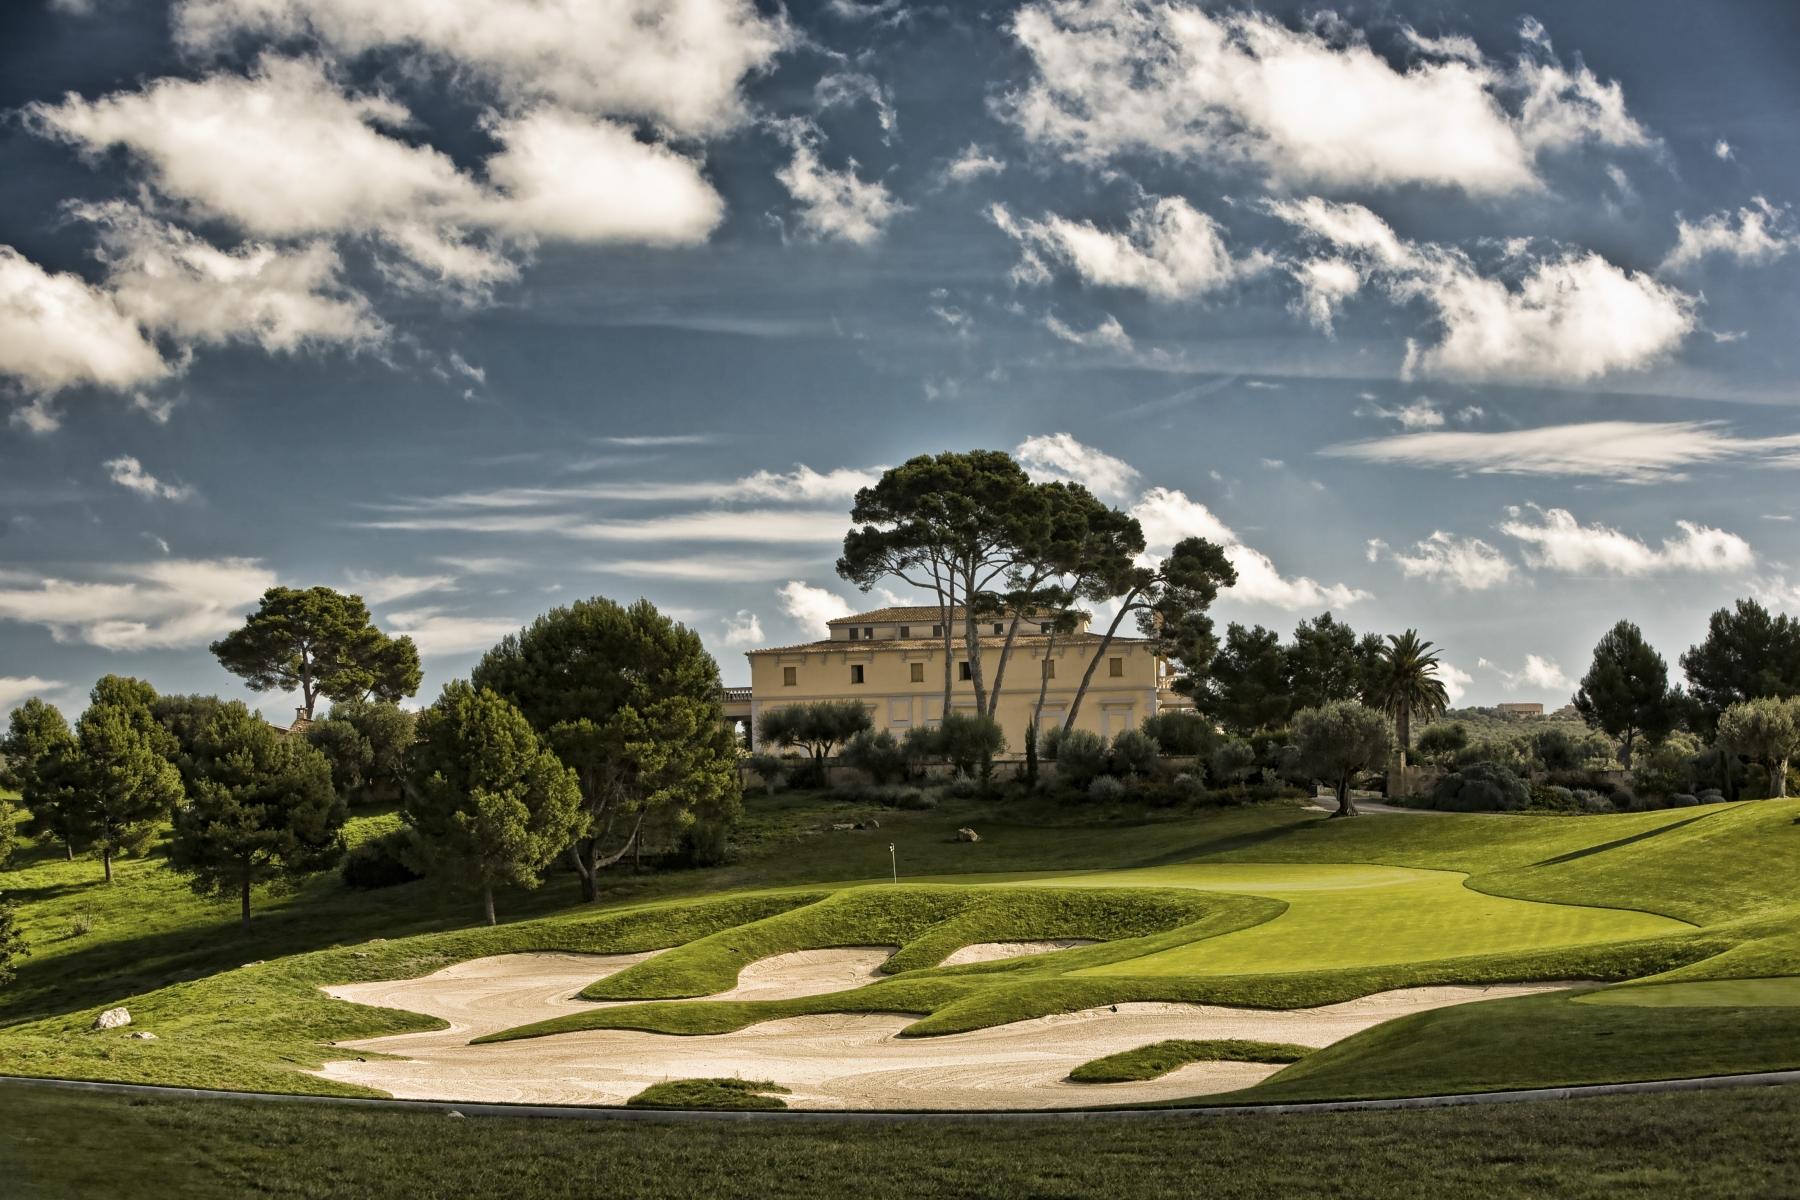 golf-son-gual-mallorca-green15-high-res